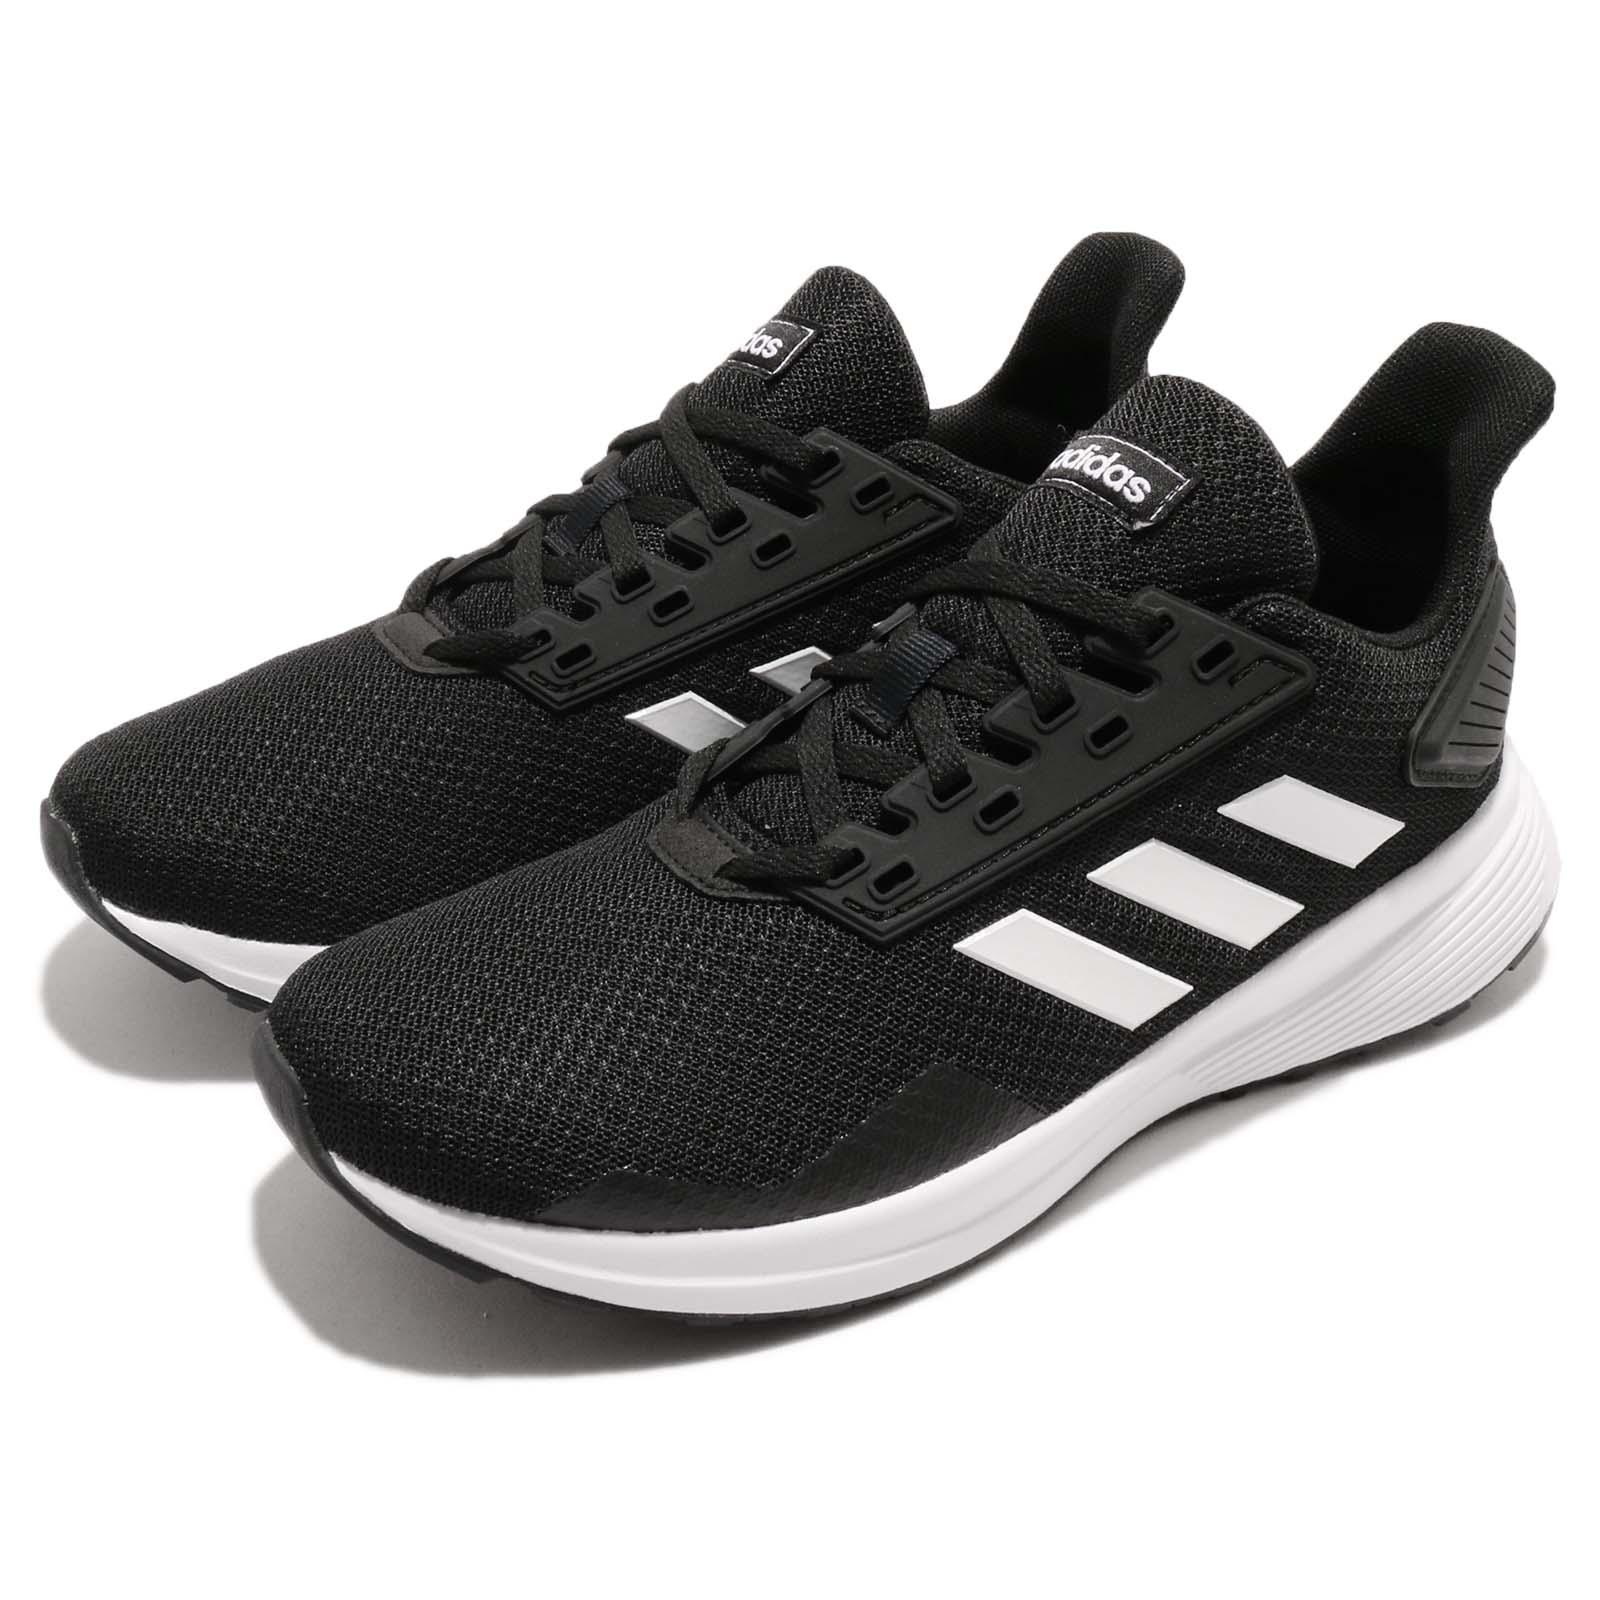 adidas 慢跑鞋 Duramo 9 K 運動 女鞋 BB7061